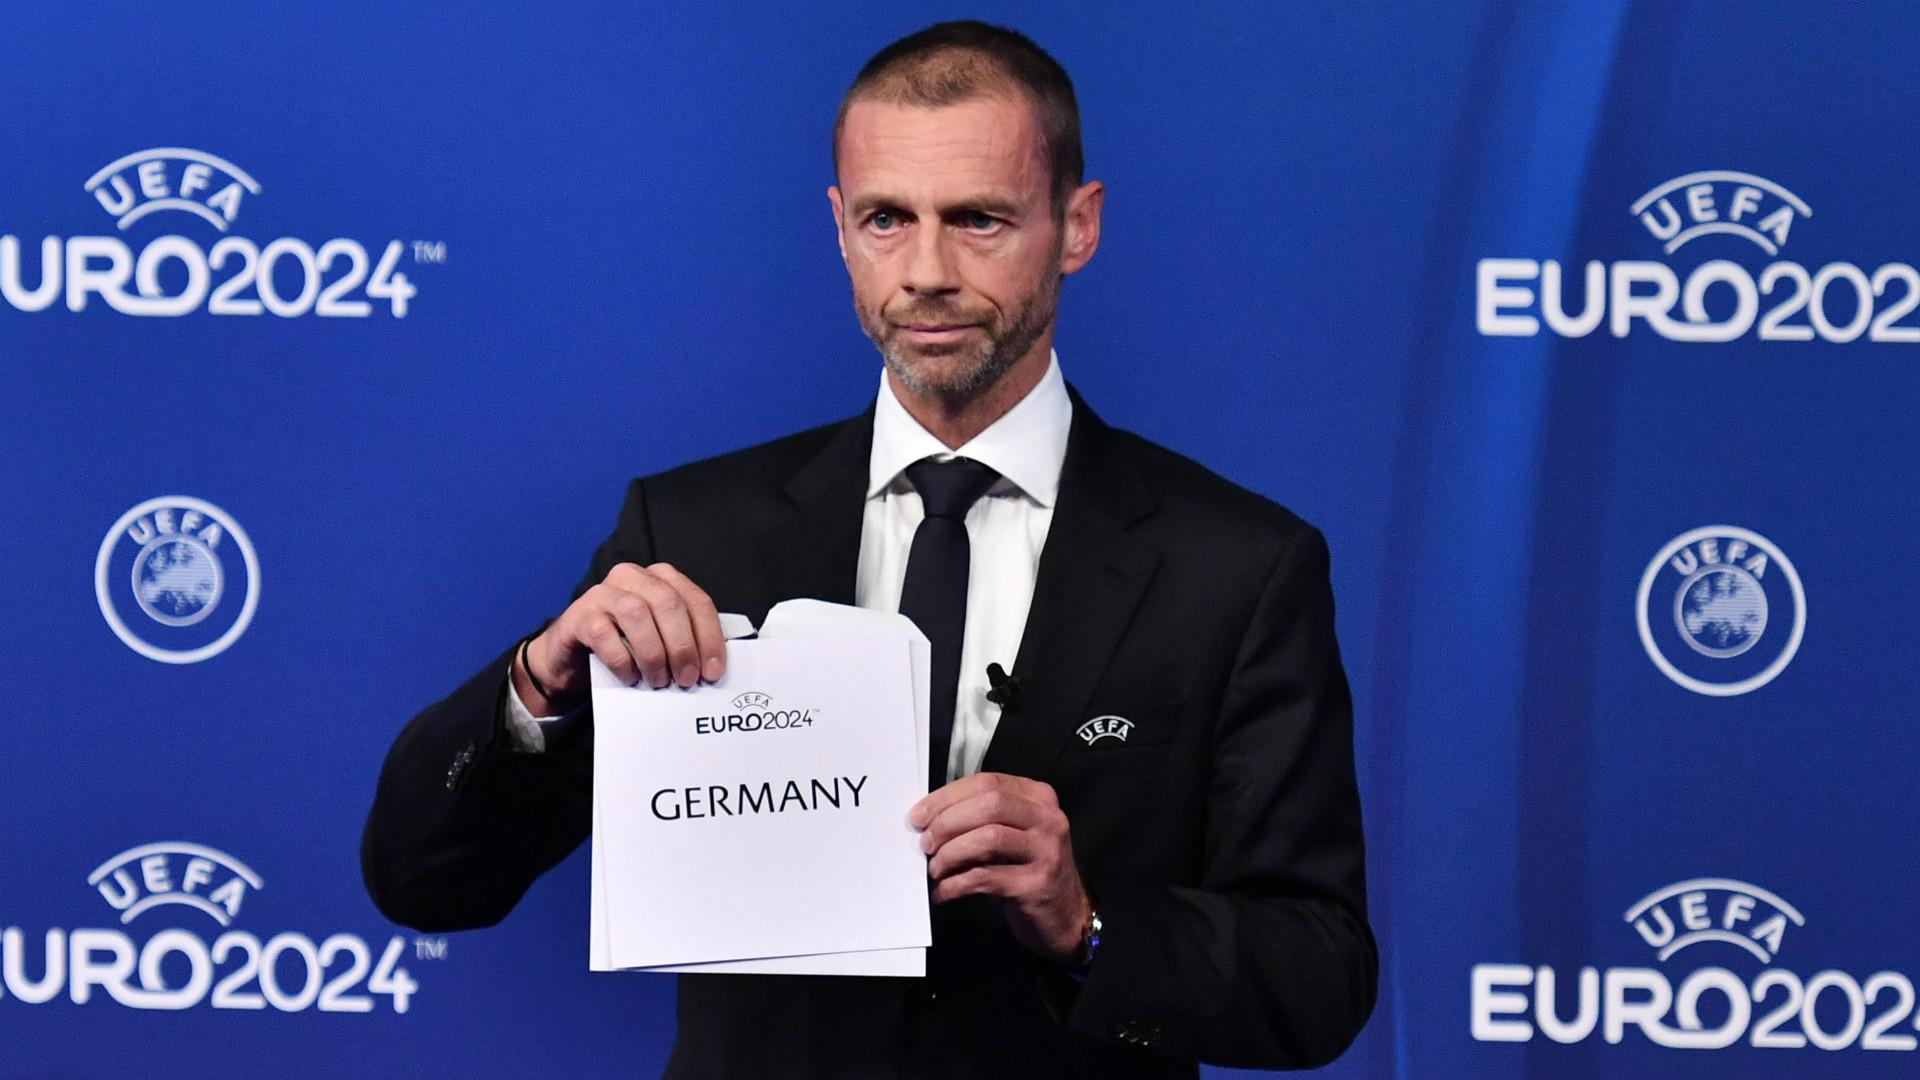 كأس الأمم الأوروبية 2024